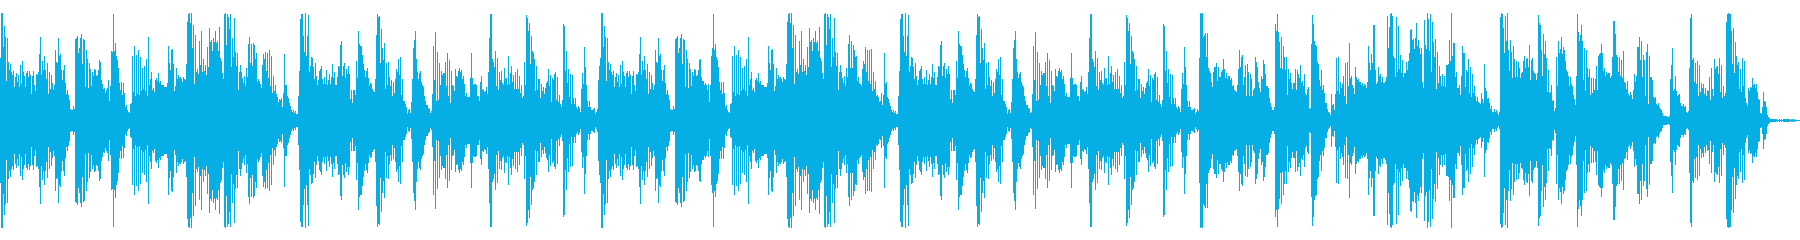 荒けずりでタメもうねりもあるファンクリフの再生済みの波形